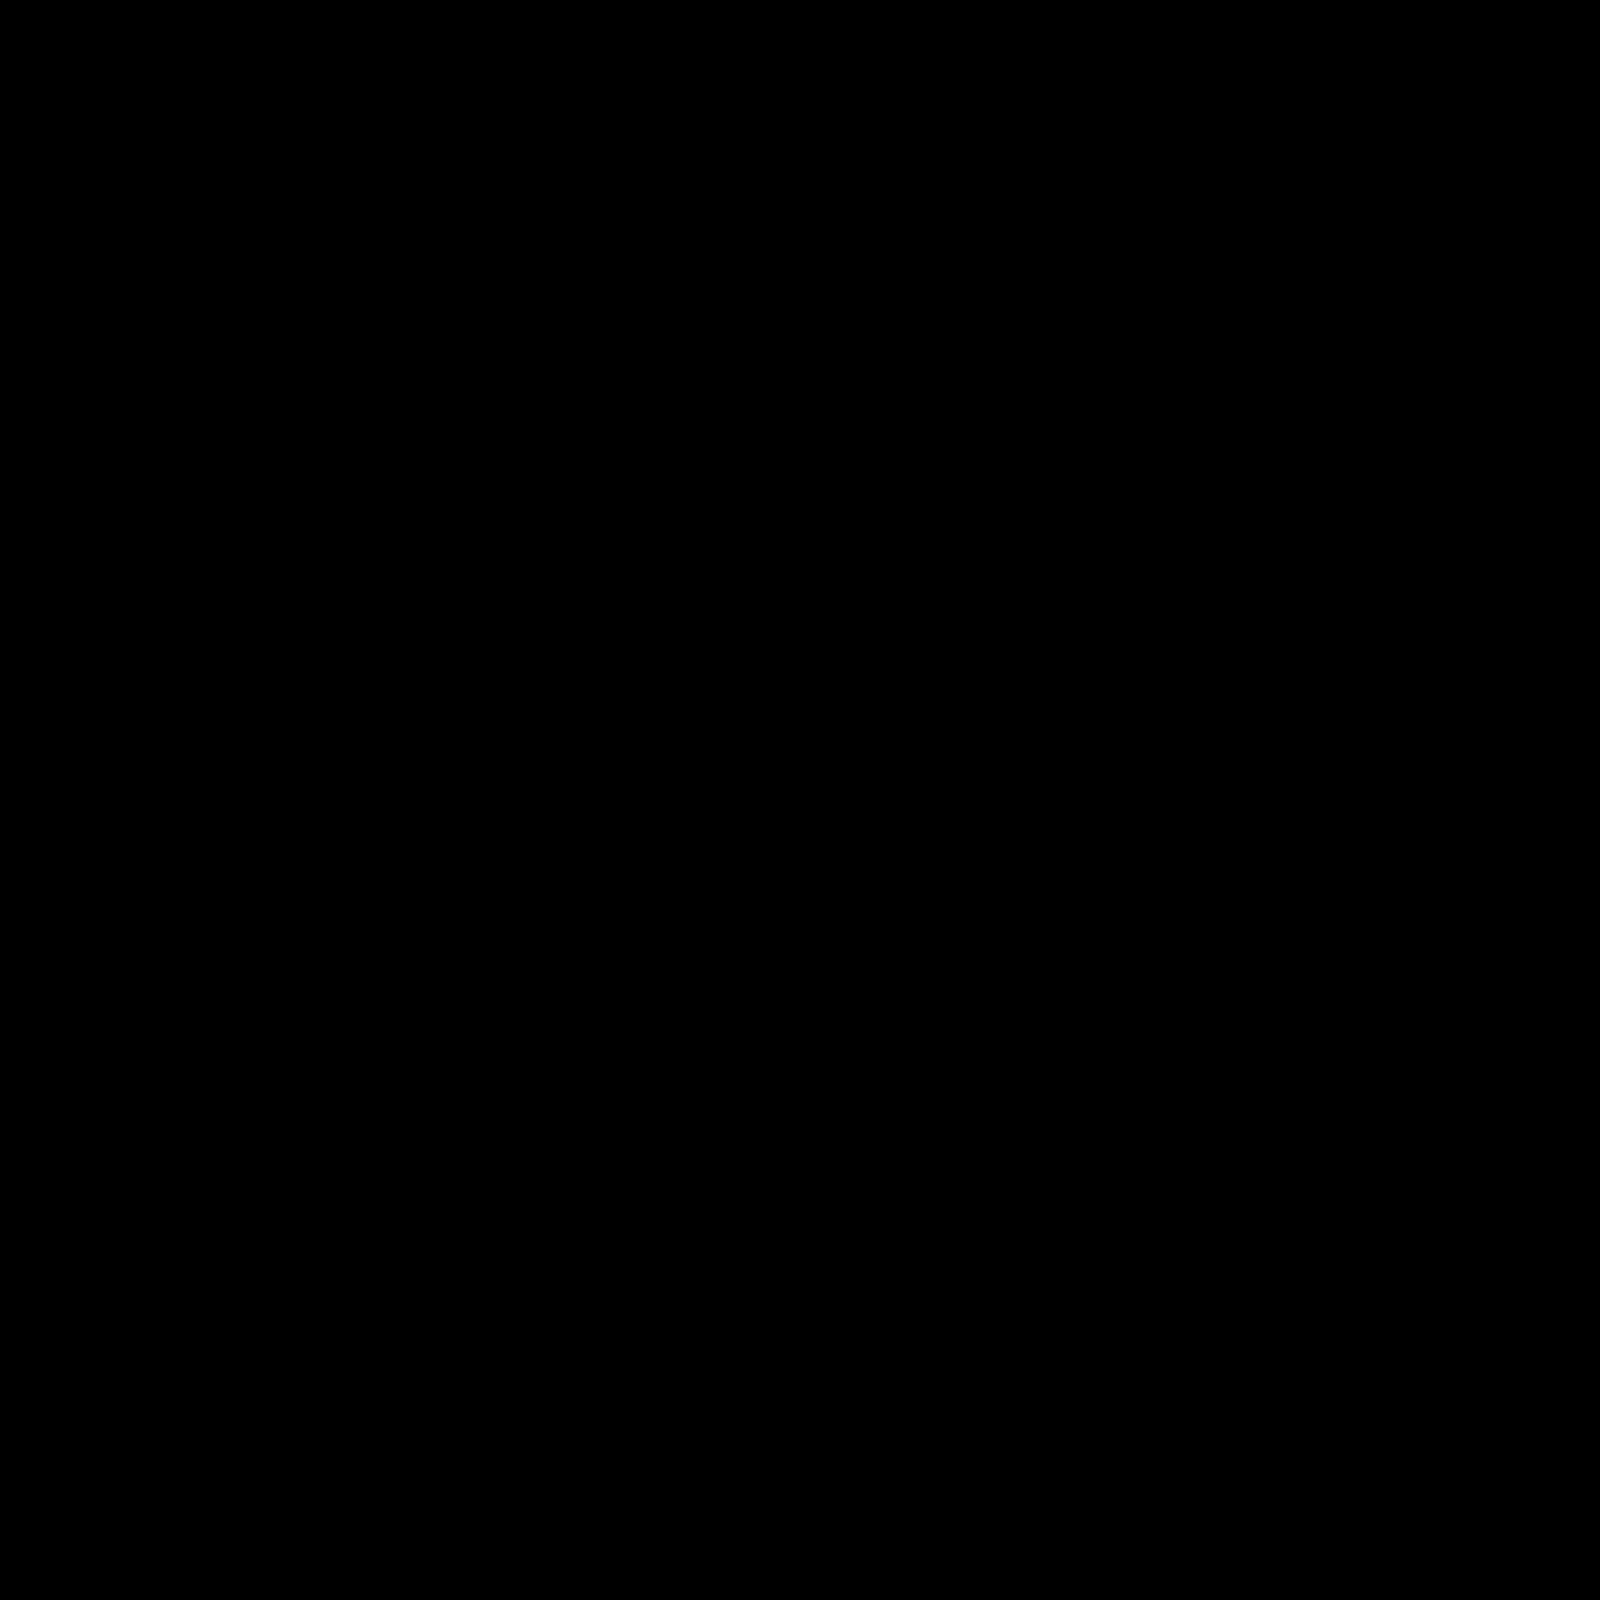 コピー icon. It's two folders, one slightly indented and they're standing perpendicular to each other. They are both rectangles, with slight triangular curves in the top right as if you're folding a piece of paper. The purpose of it is to copy anything and make a second copy of it. They both are the same size, height, and would stand up next to each other identically.